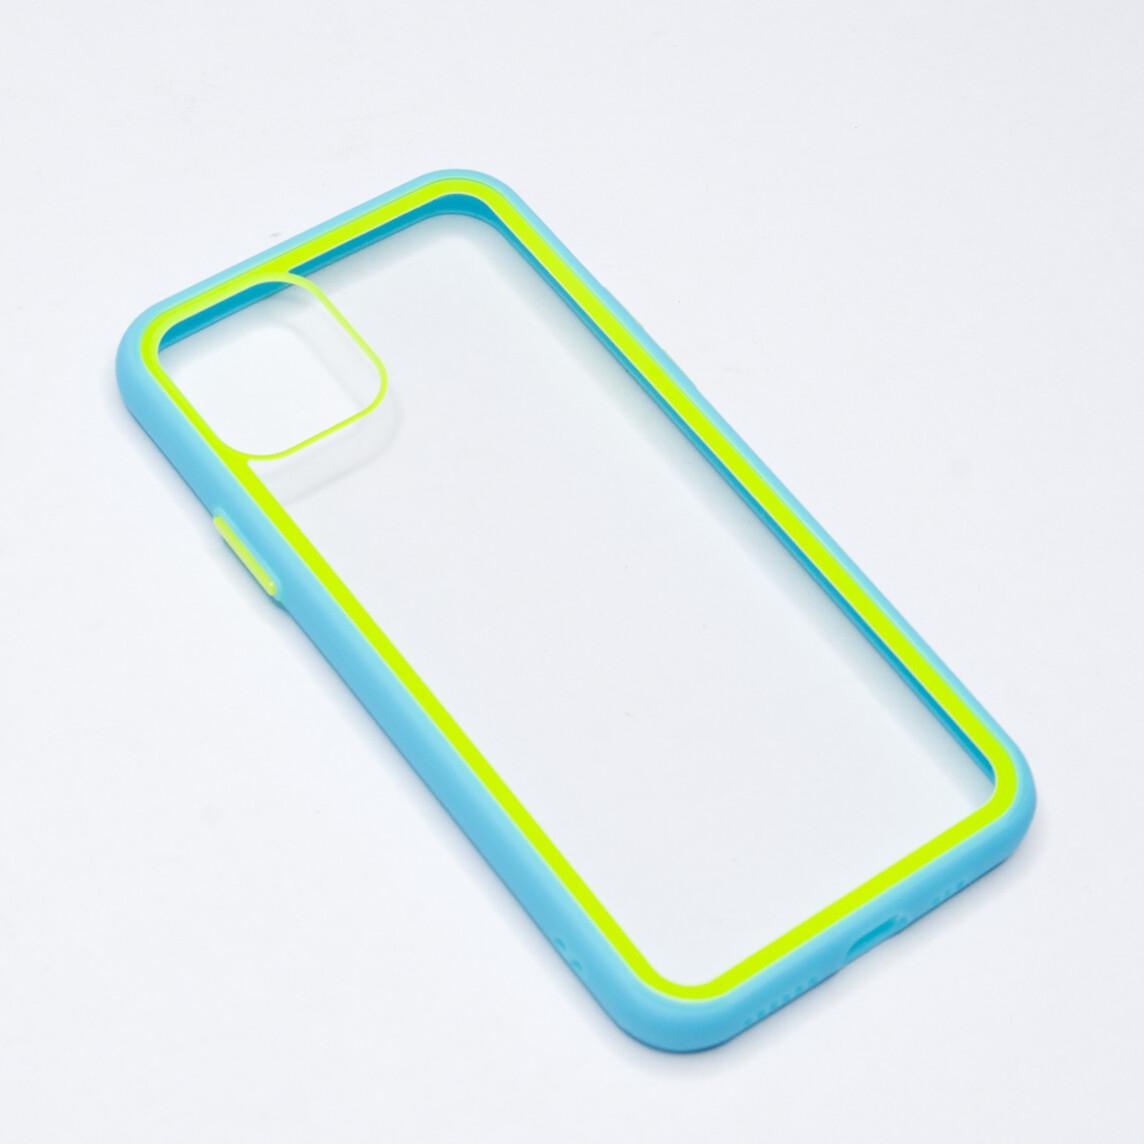 Estuche EL REY Marco De Color Celeste Y Parte De Atras Transparente - Iphone 11 Pro Max